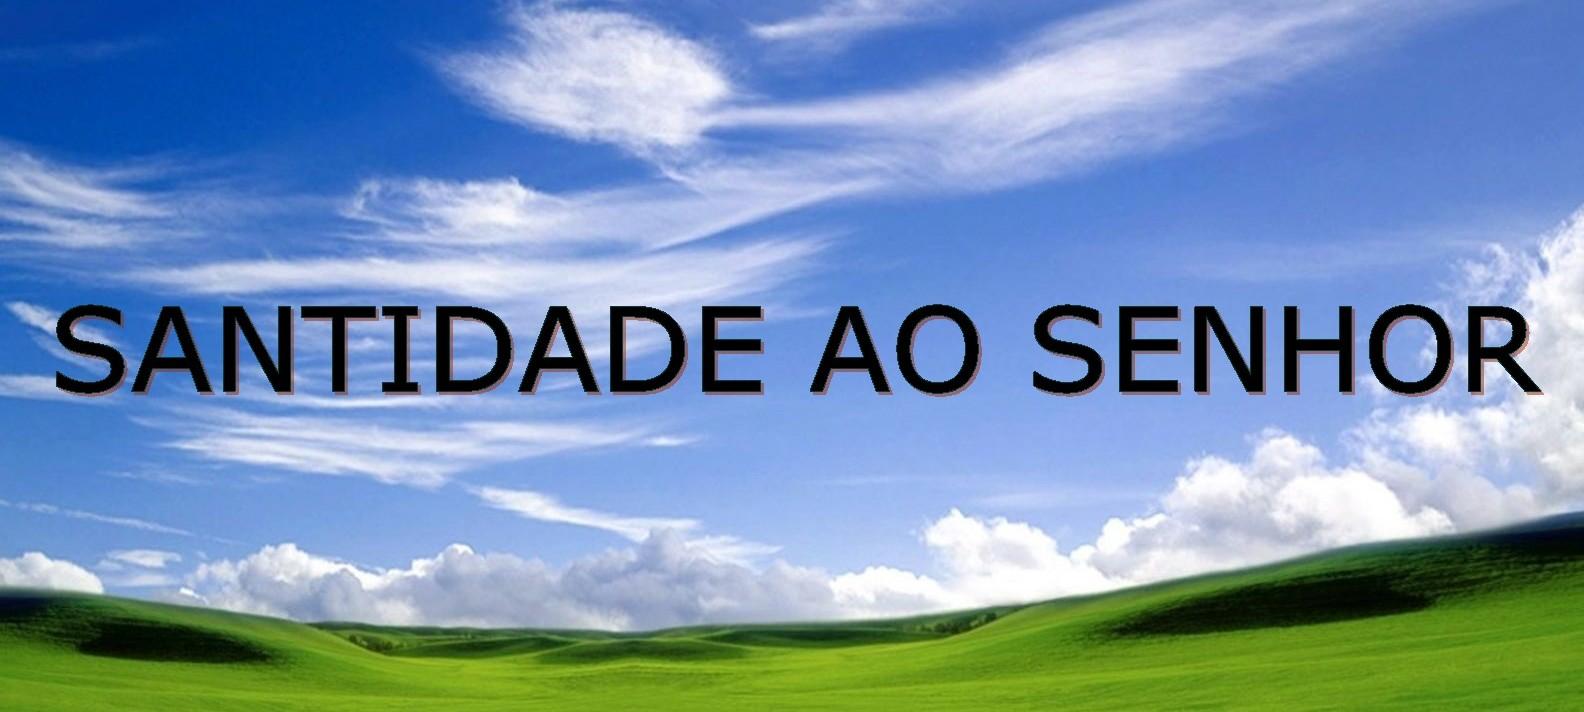 SANTIDADE AO SENHOR